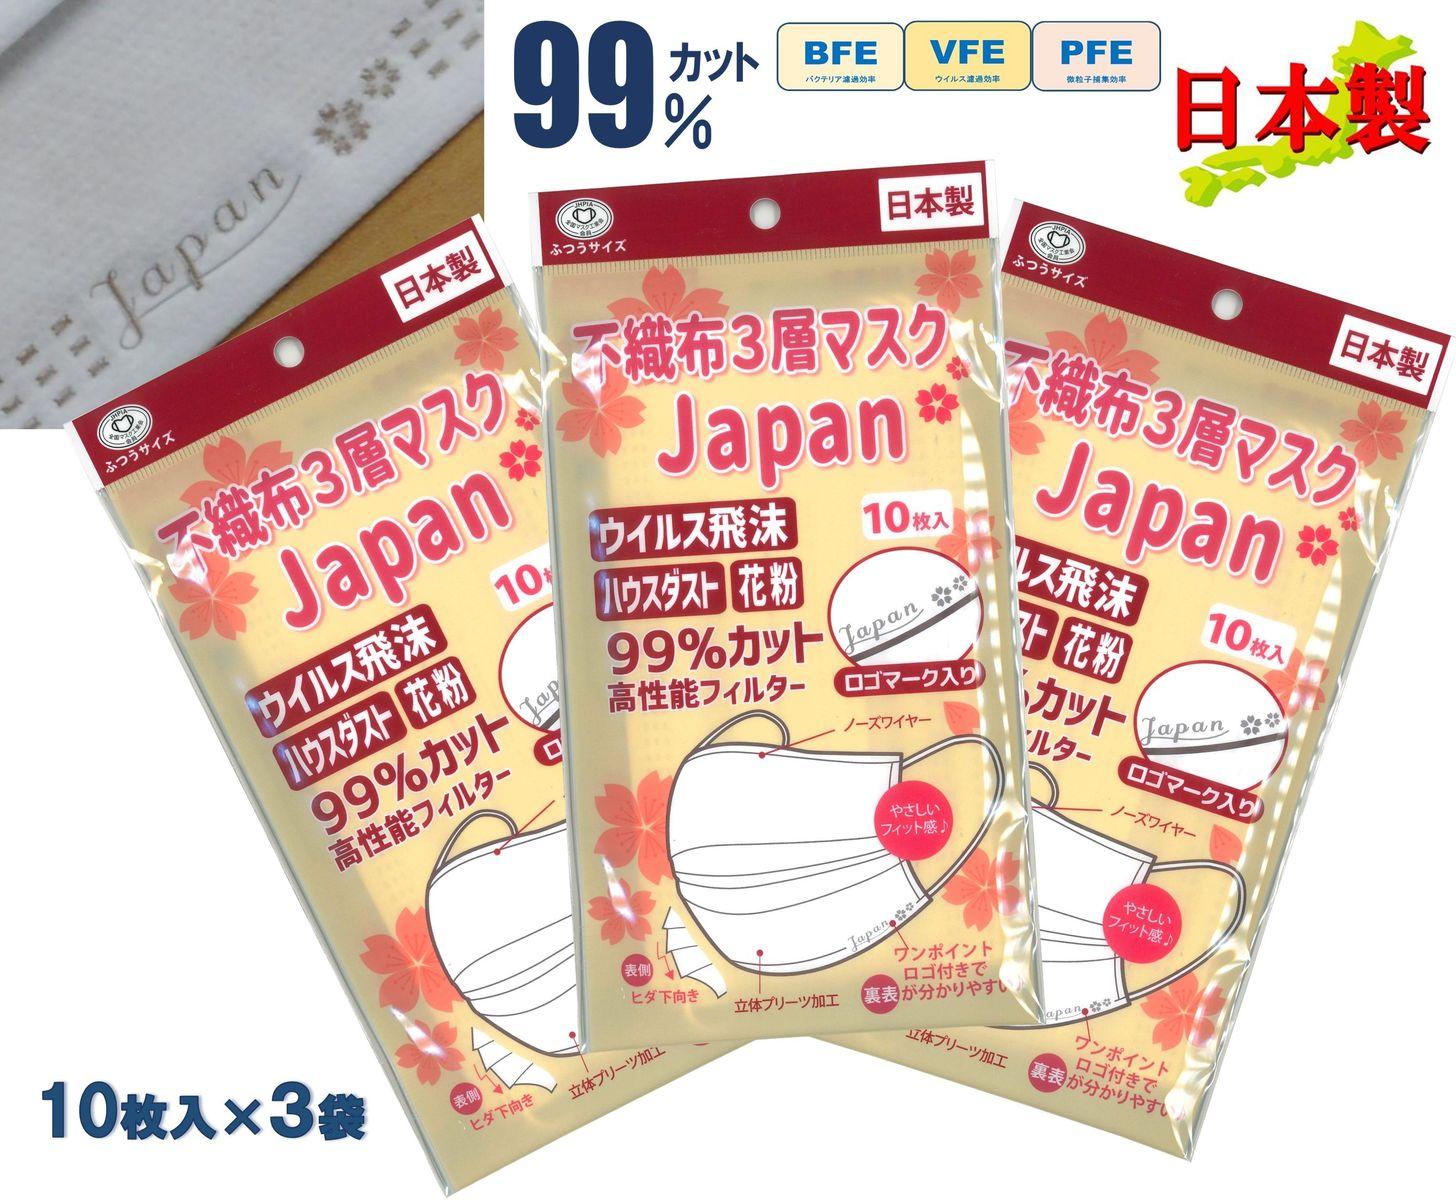 携帯に便利な袋入り Japan 桜 可愛いロゴ入りで表裏が分かりやすい安心の日本製 自社工場製造 快適で優しいフィット感ある 使い切り不織布マスクです 不織布 日本製 マスク ワンポイント ロゴ入り 可愛い 呼吸しやすい 高機能 日本製マスク ついに入荷 30枚 使い捨てマスク 肌に優しい 売れ筋 快適フィット 耳が痛くならない 18%OFF 3層フィルターマスク 日本産 10枚入×3袋セット 99%カット 国産マスク